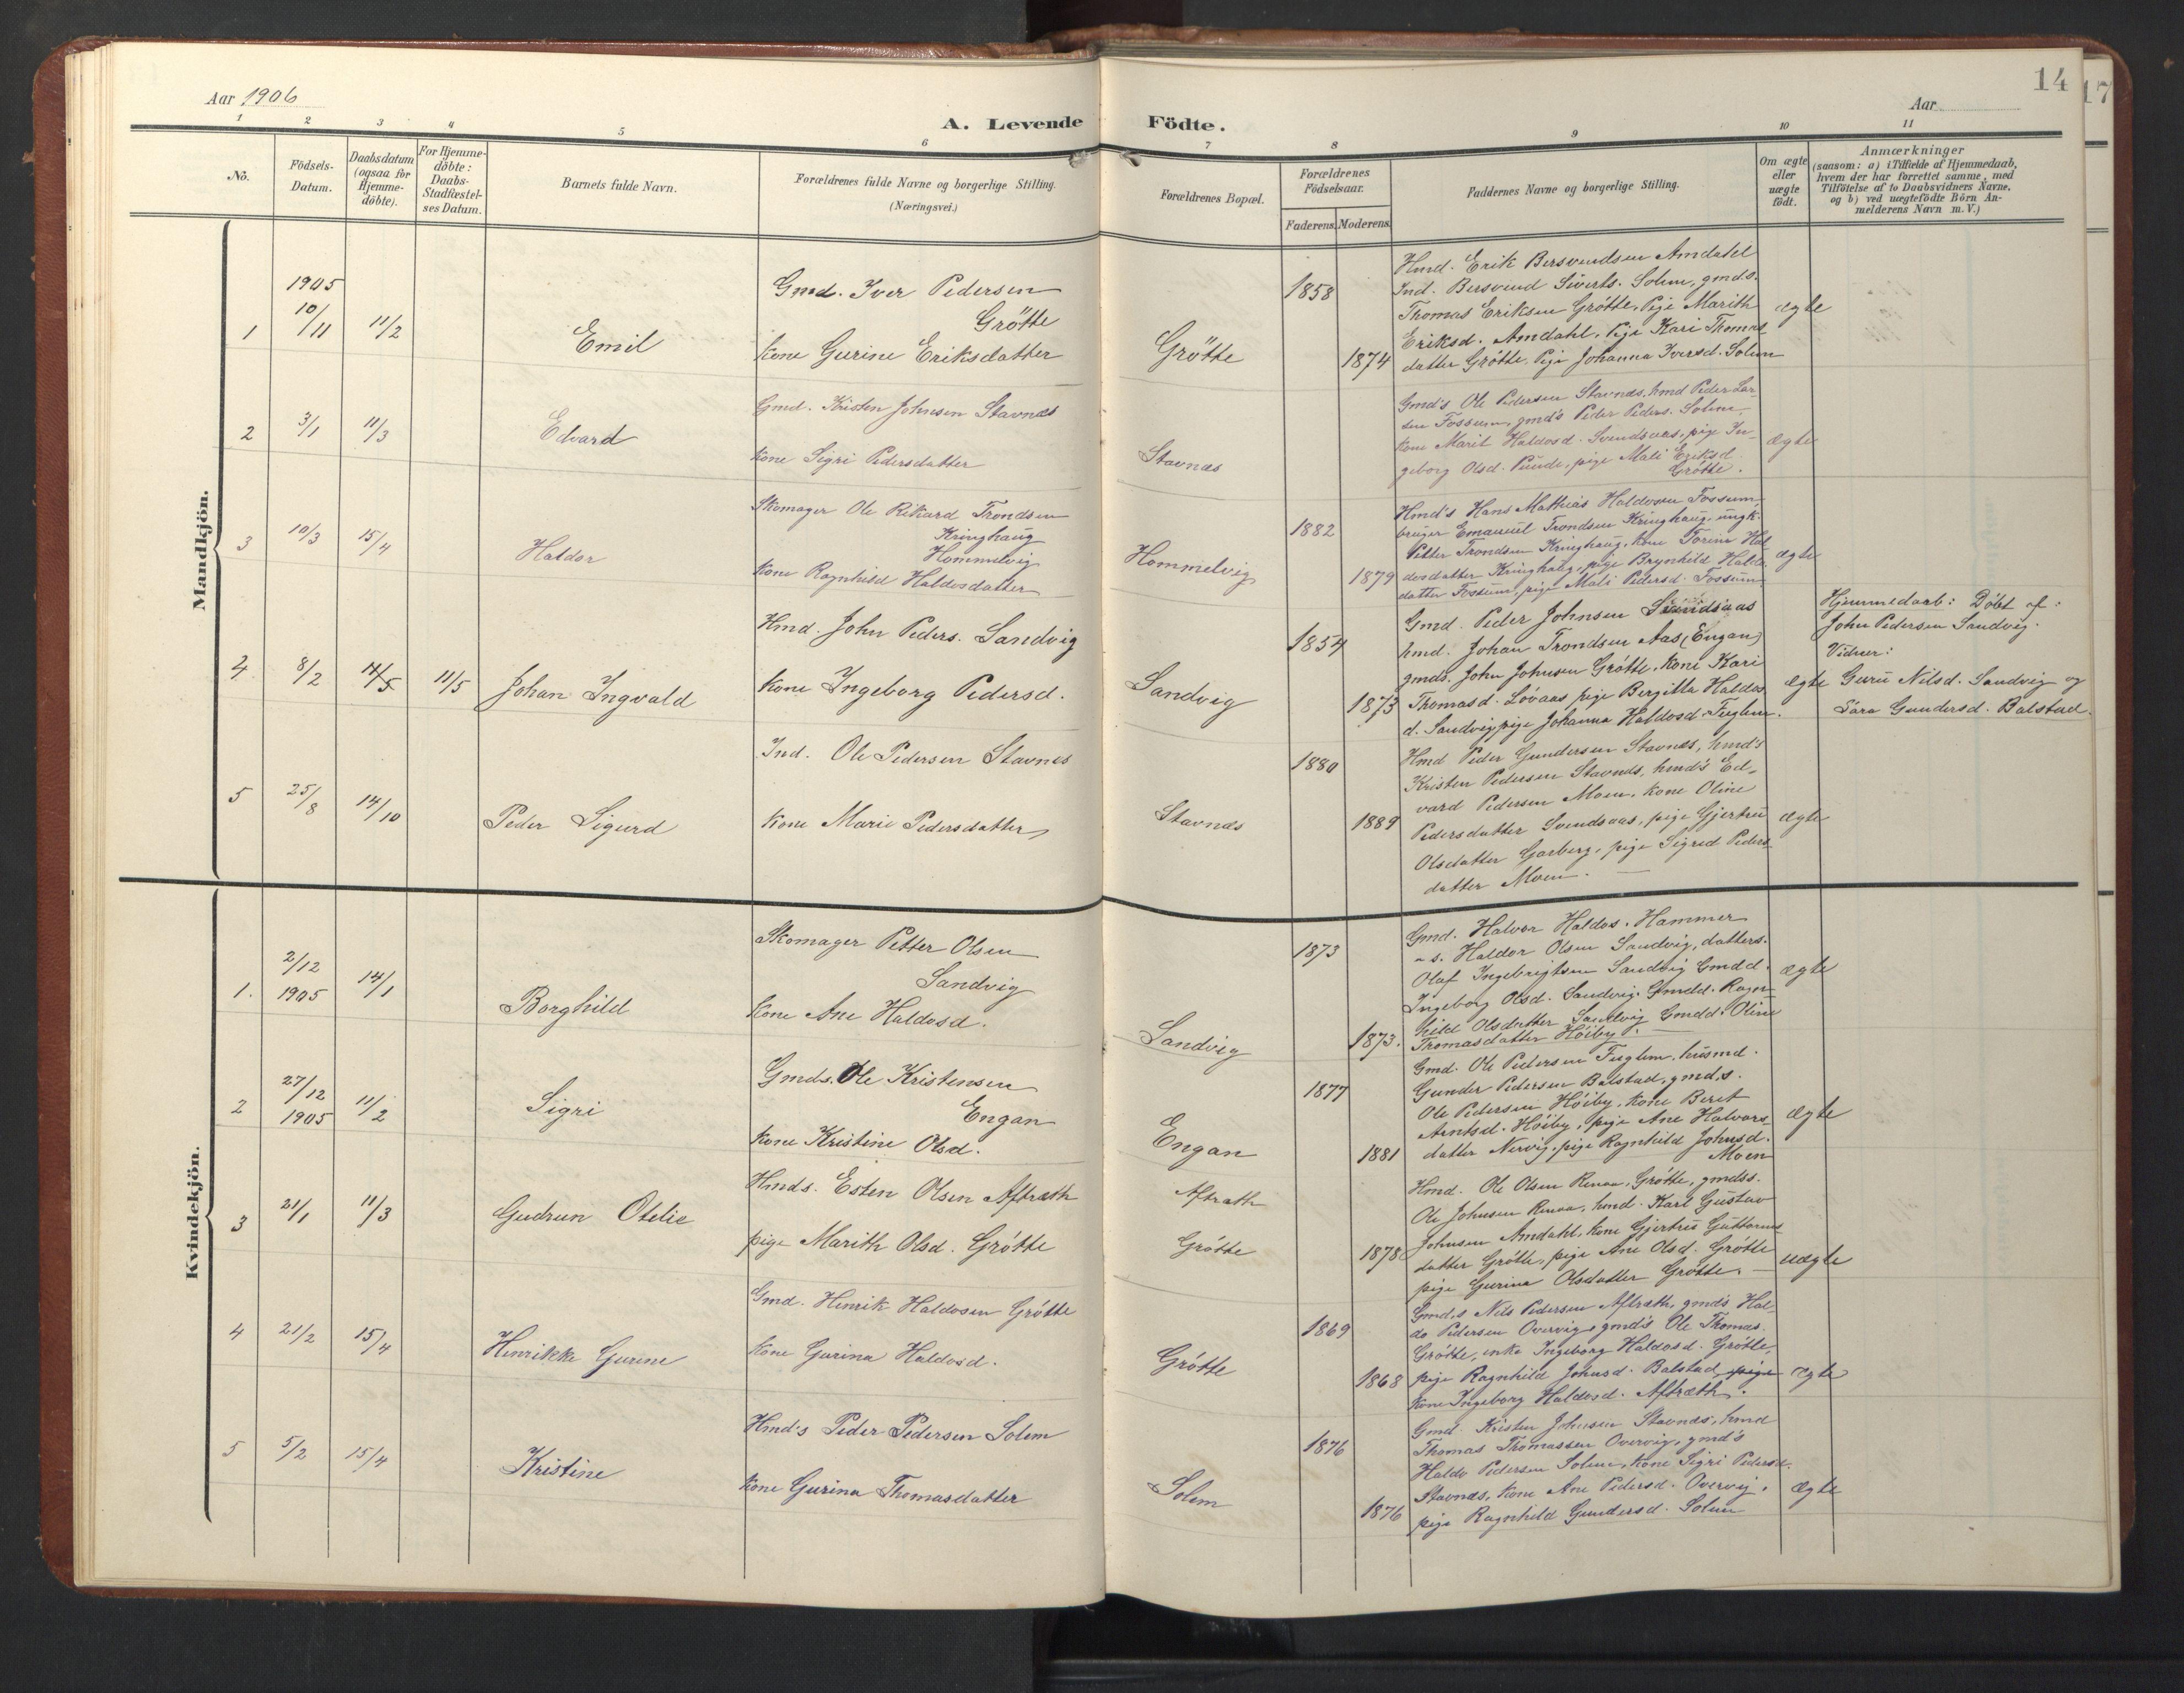 SAT, Ministerialprotokoller, klokkerbøker og fødselsregistre - Sør-Trøndelag, 696/L1161: Klokkerbok nr. 696C01, 1902-1950, s. 14